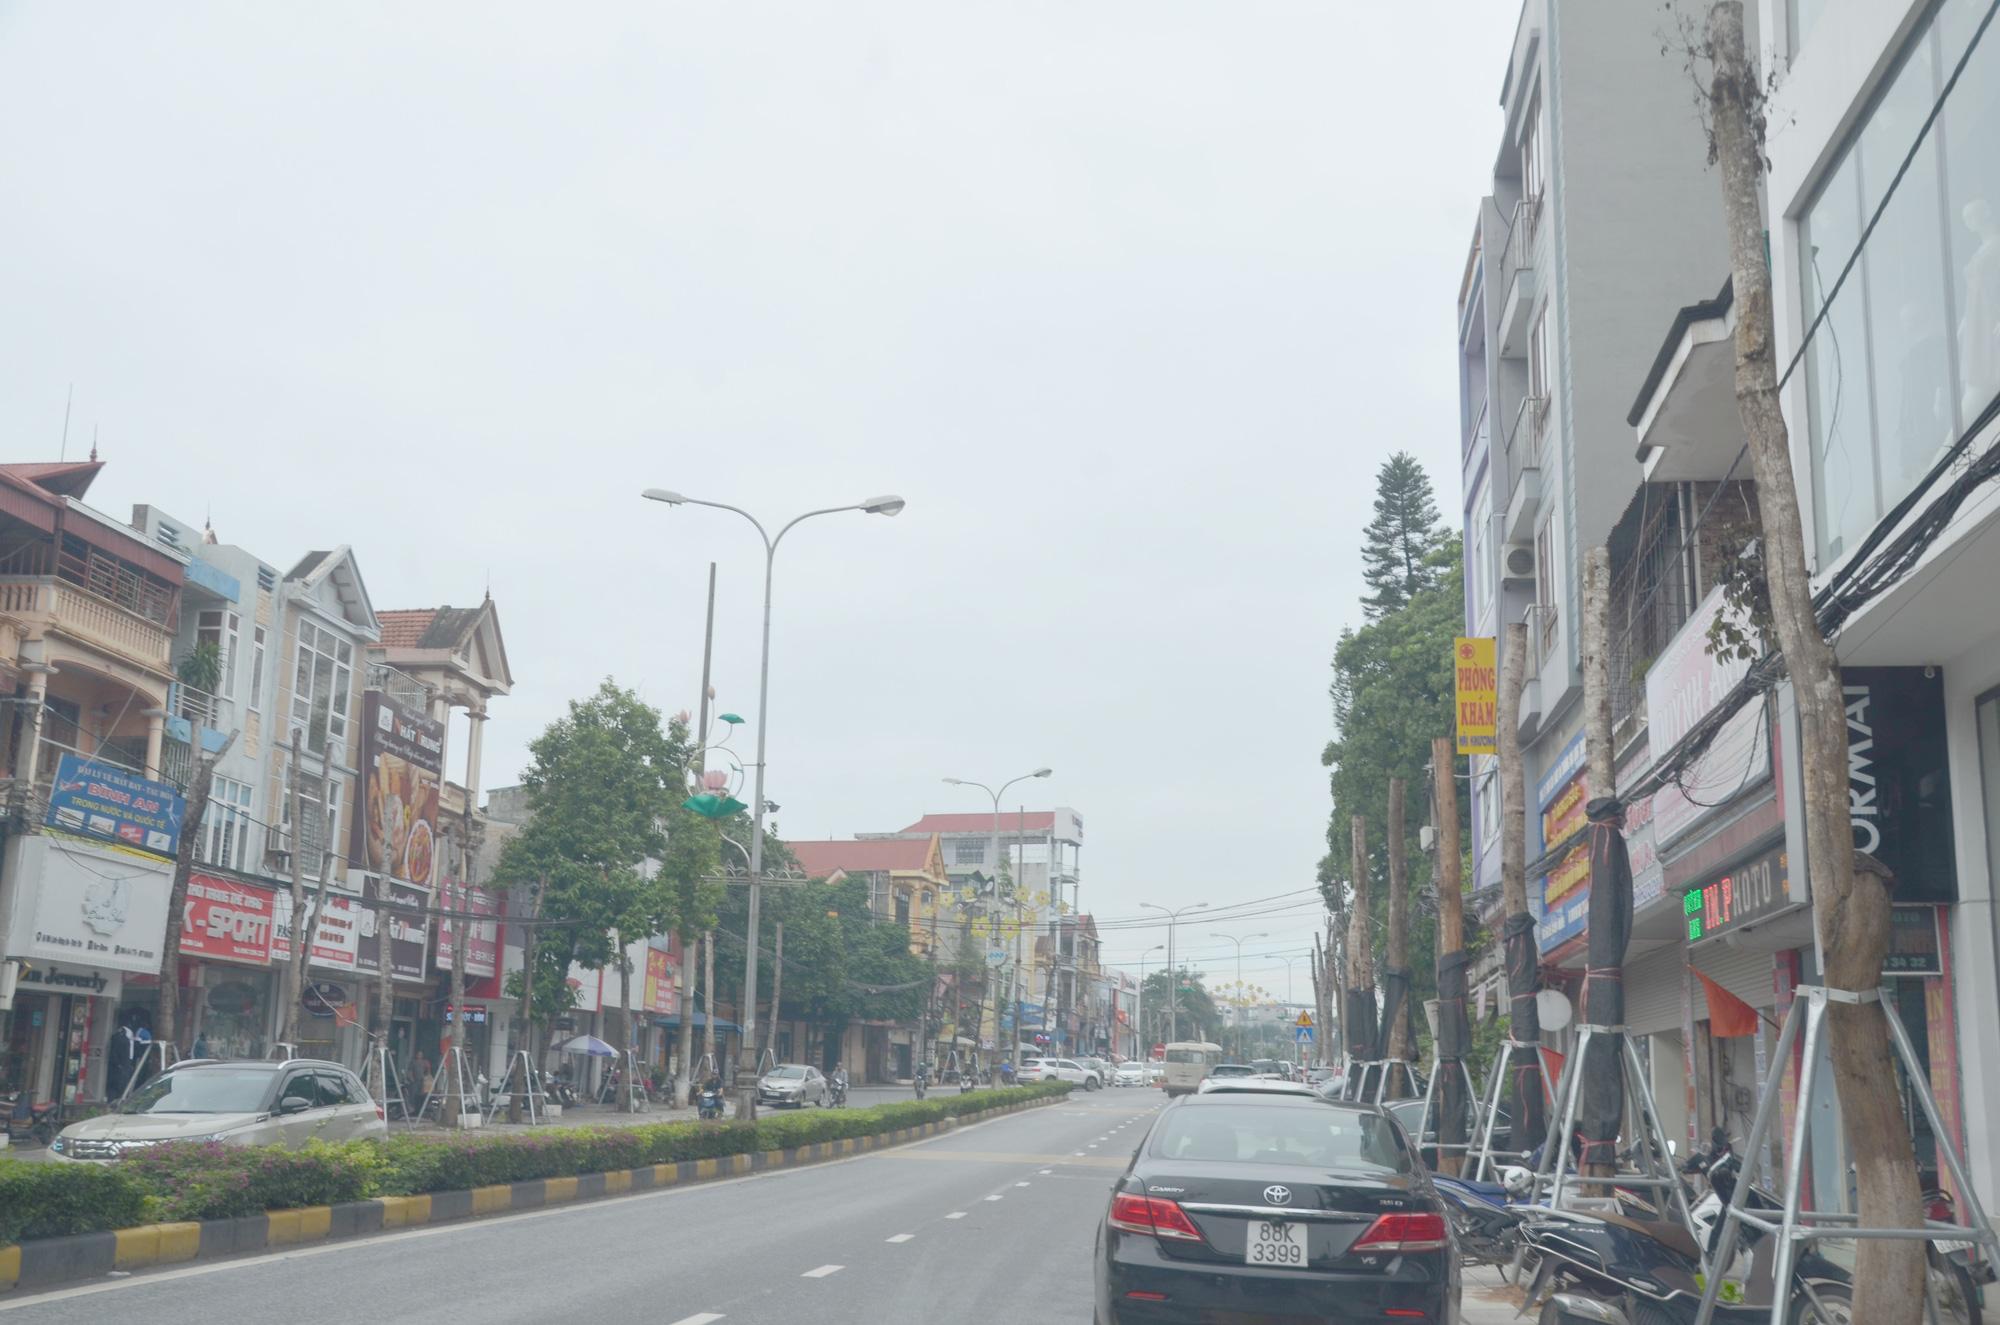 Vĩnh Phúc: La liệt cây xanh bị cụt ngọn, chết khô trên tuyến đường trung tâm thành phố - Ảnh 4.